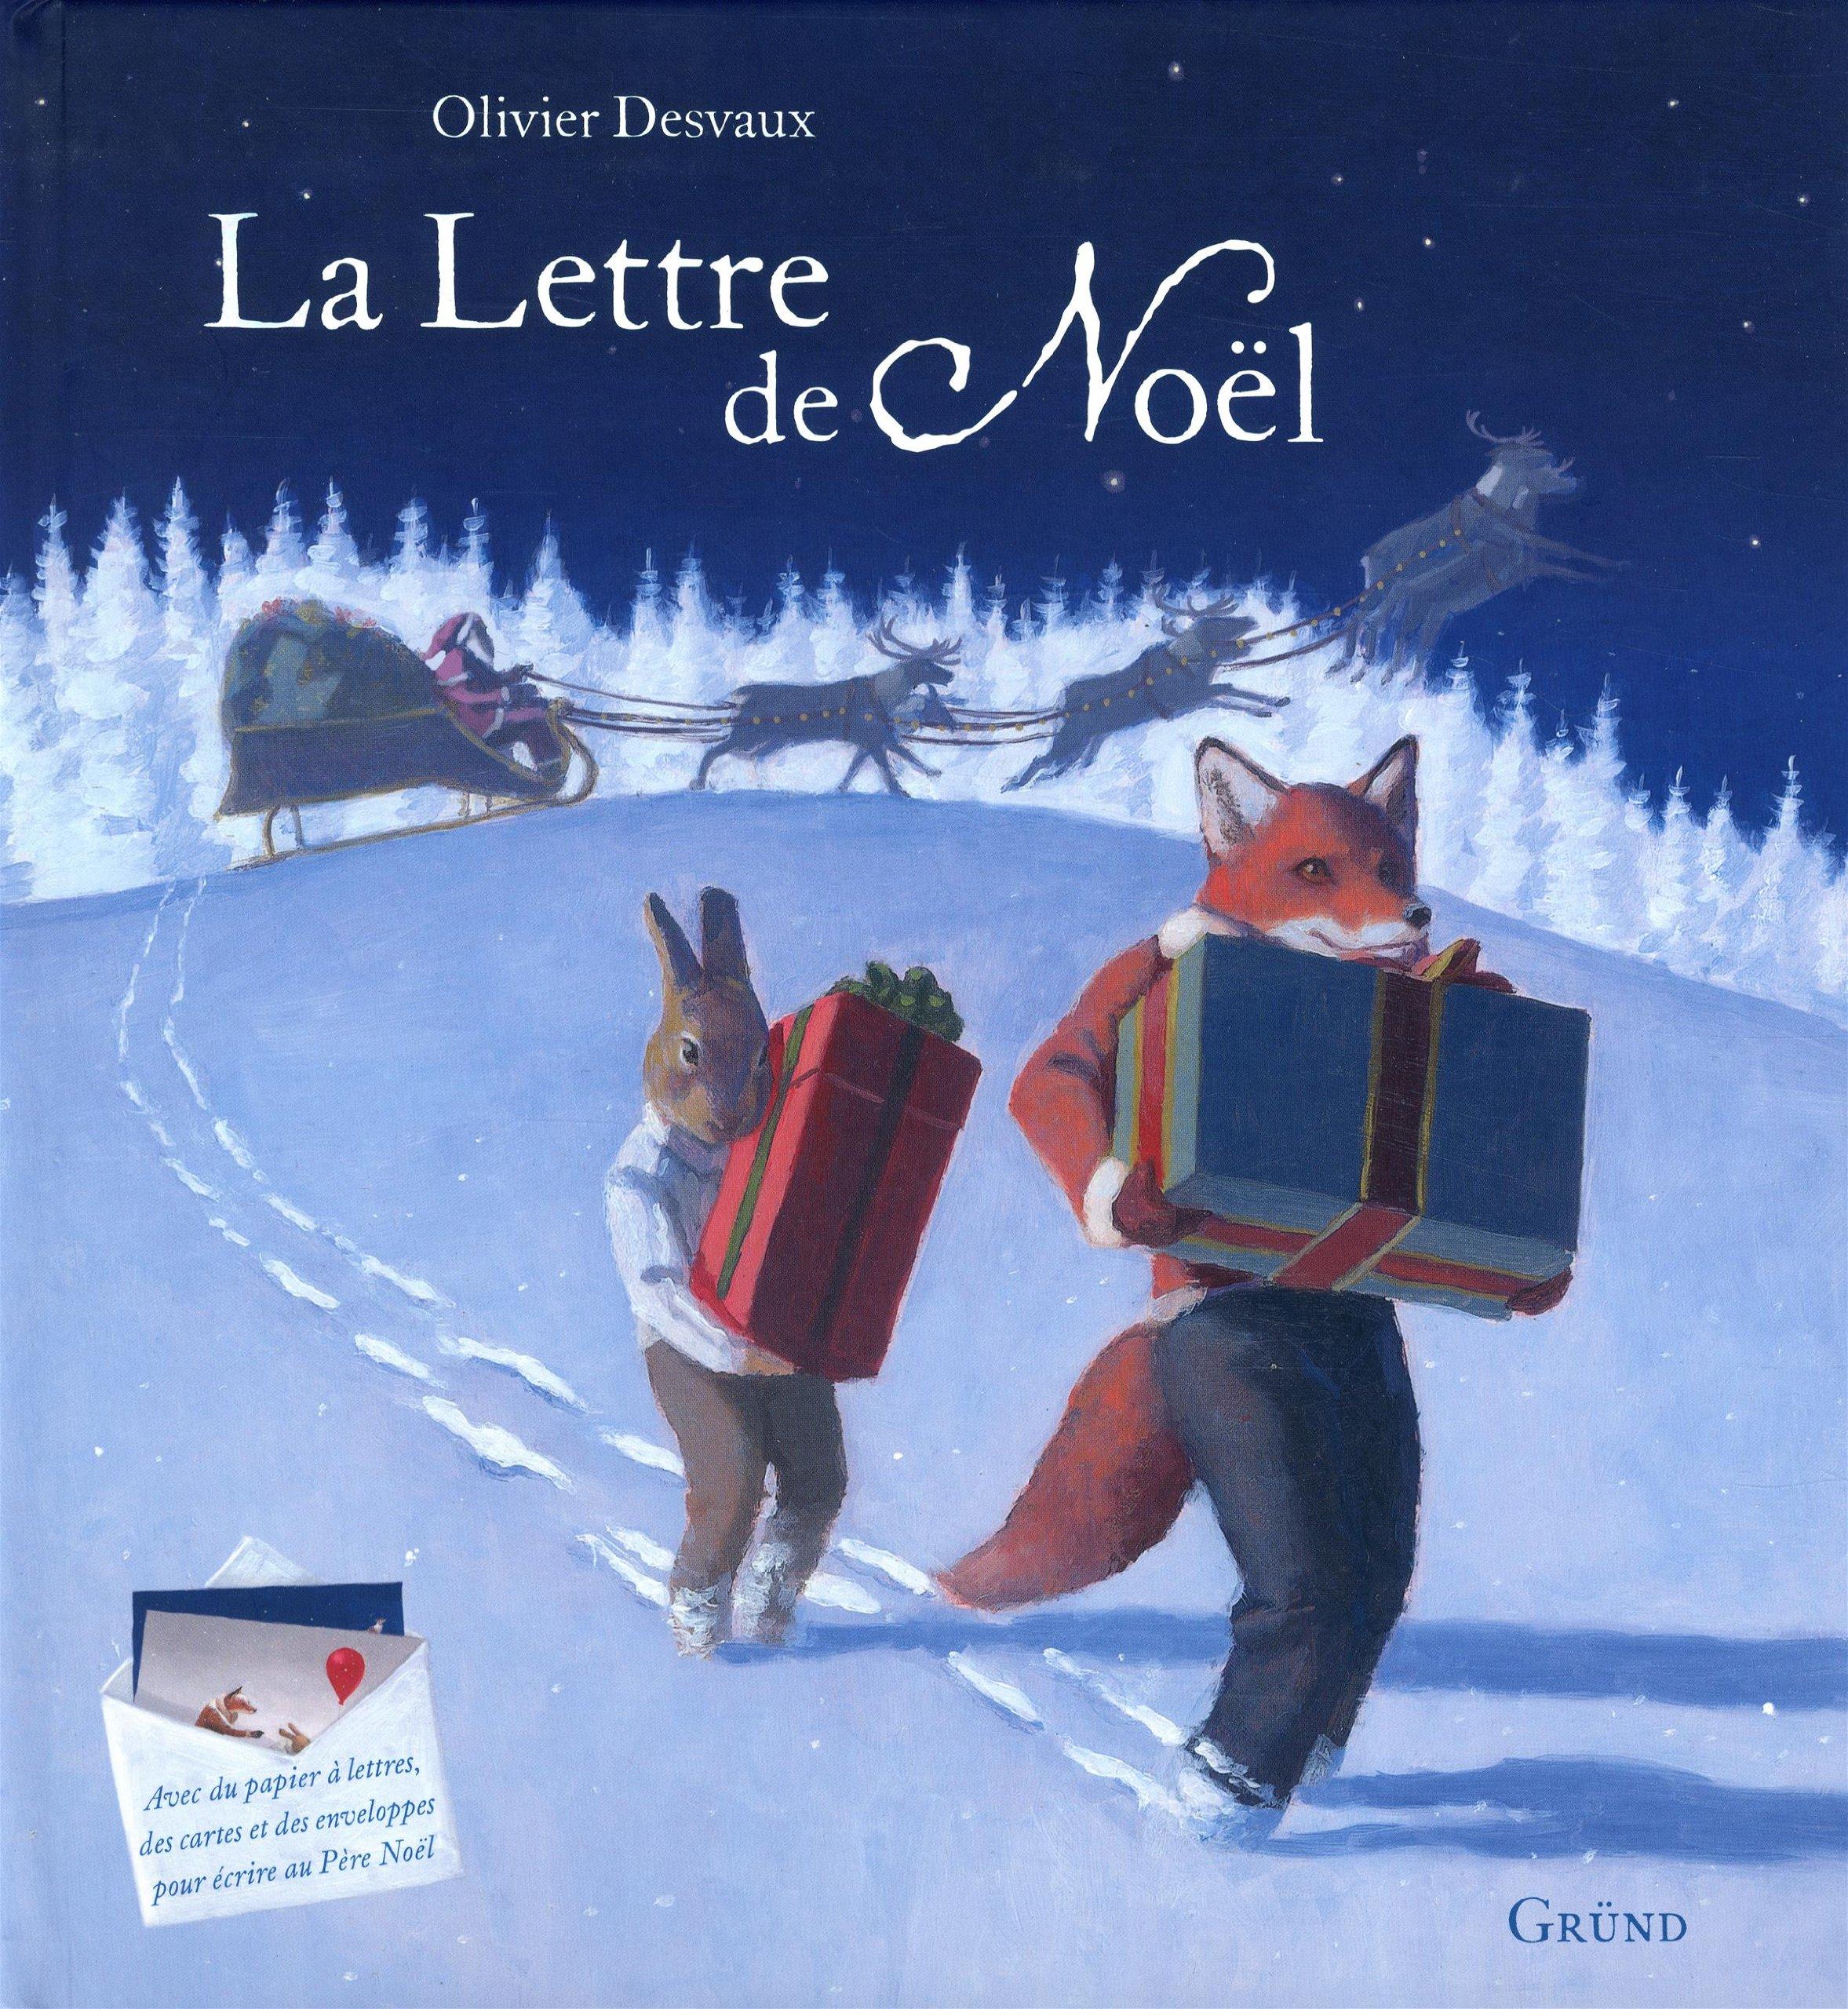 Image De Lettre De Noel.La Lettre De Noel Amazon Ca Olivier Desvaux Books